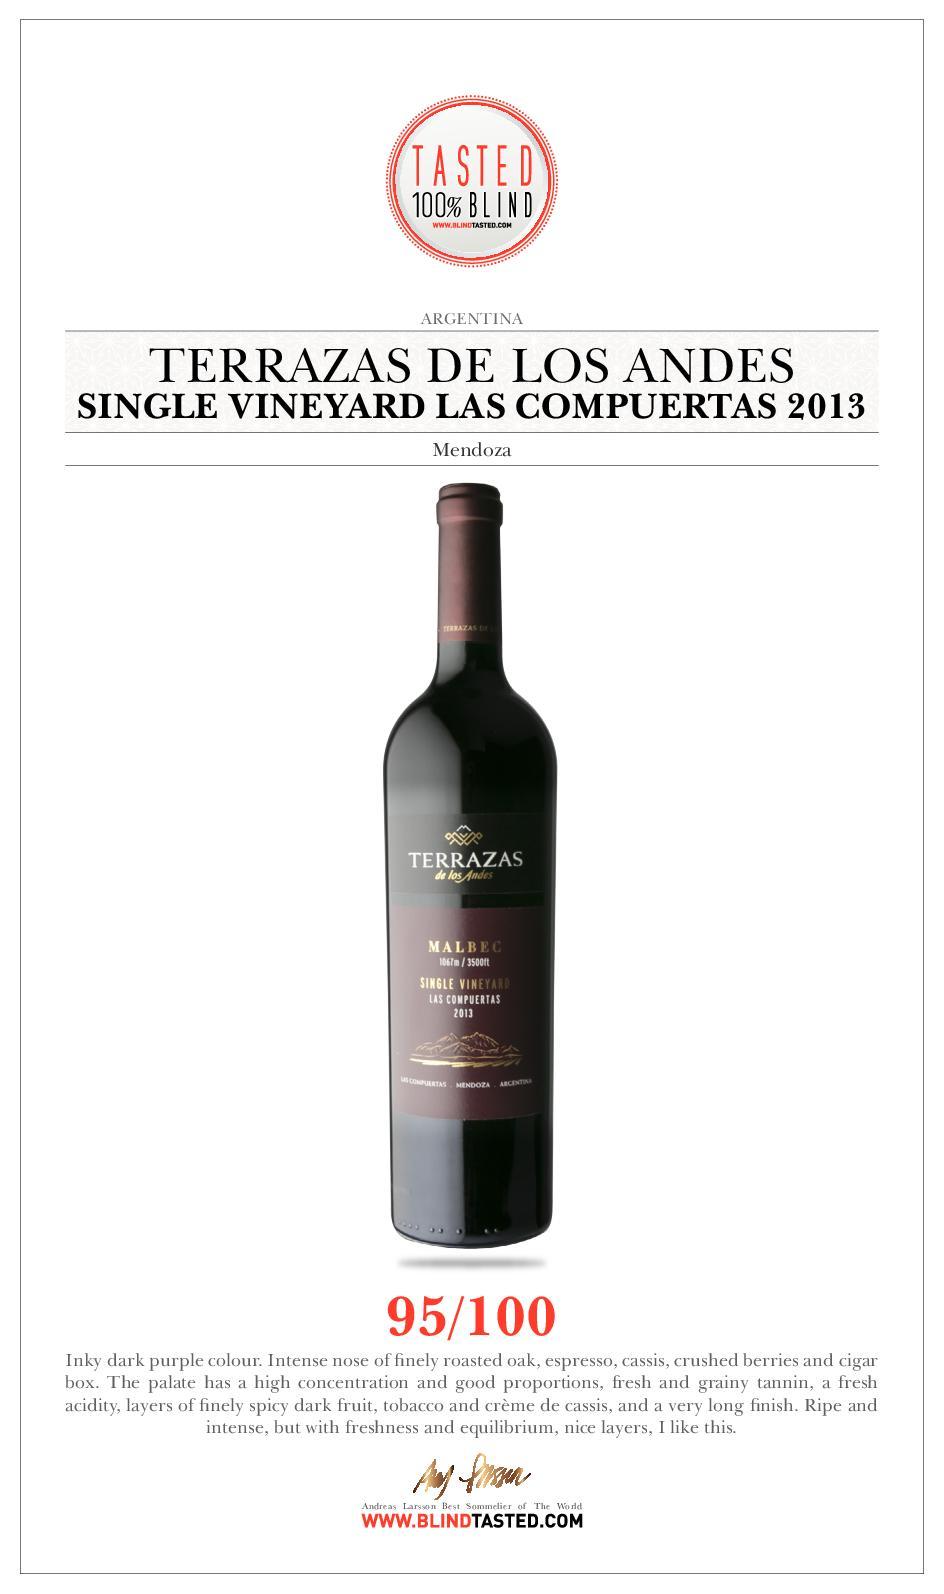 Calaméo Terrazas De Los Andes Single Vineyard Las